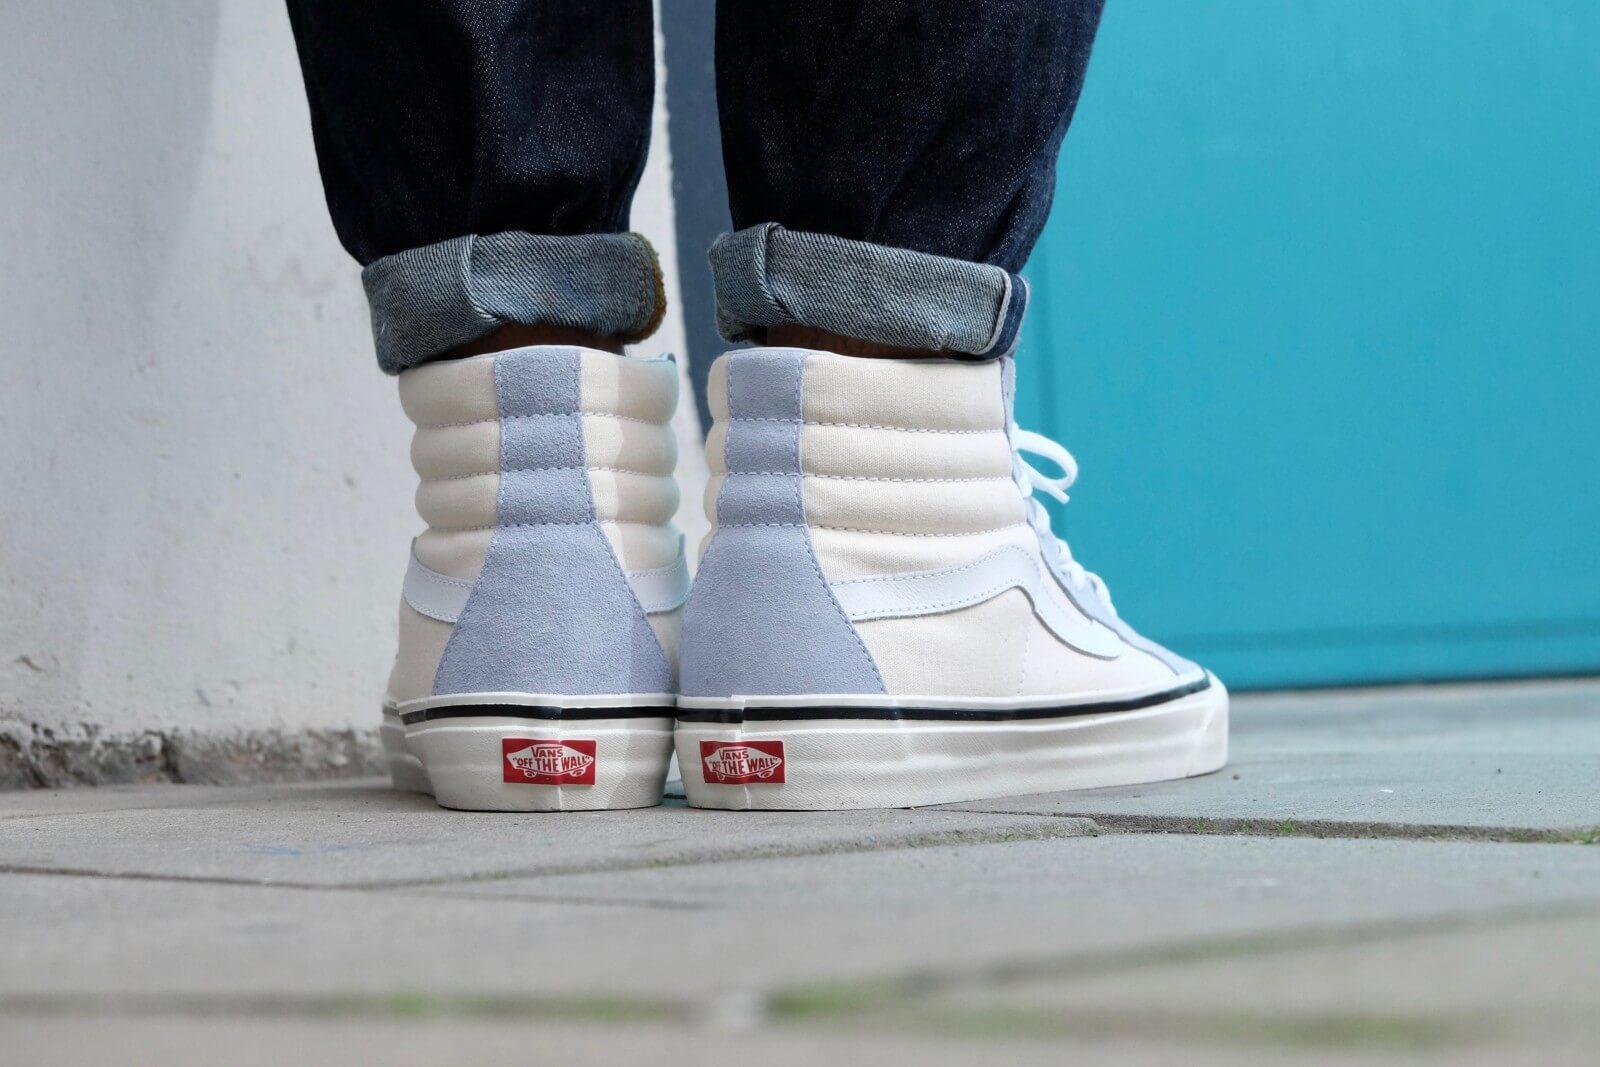 vans anaheim factory sk8-hi 38 dx shoes